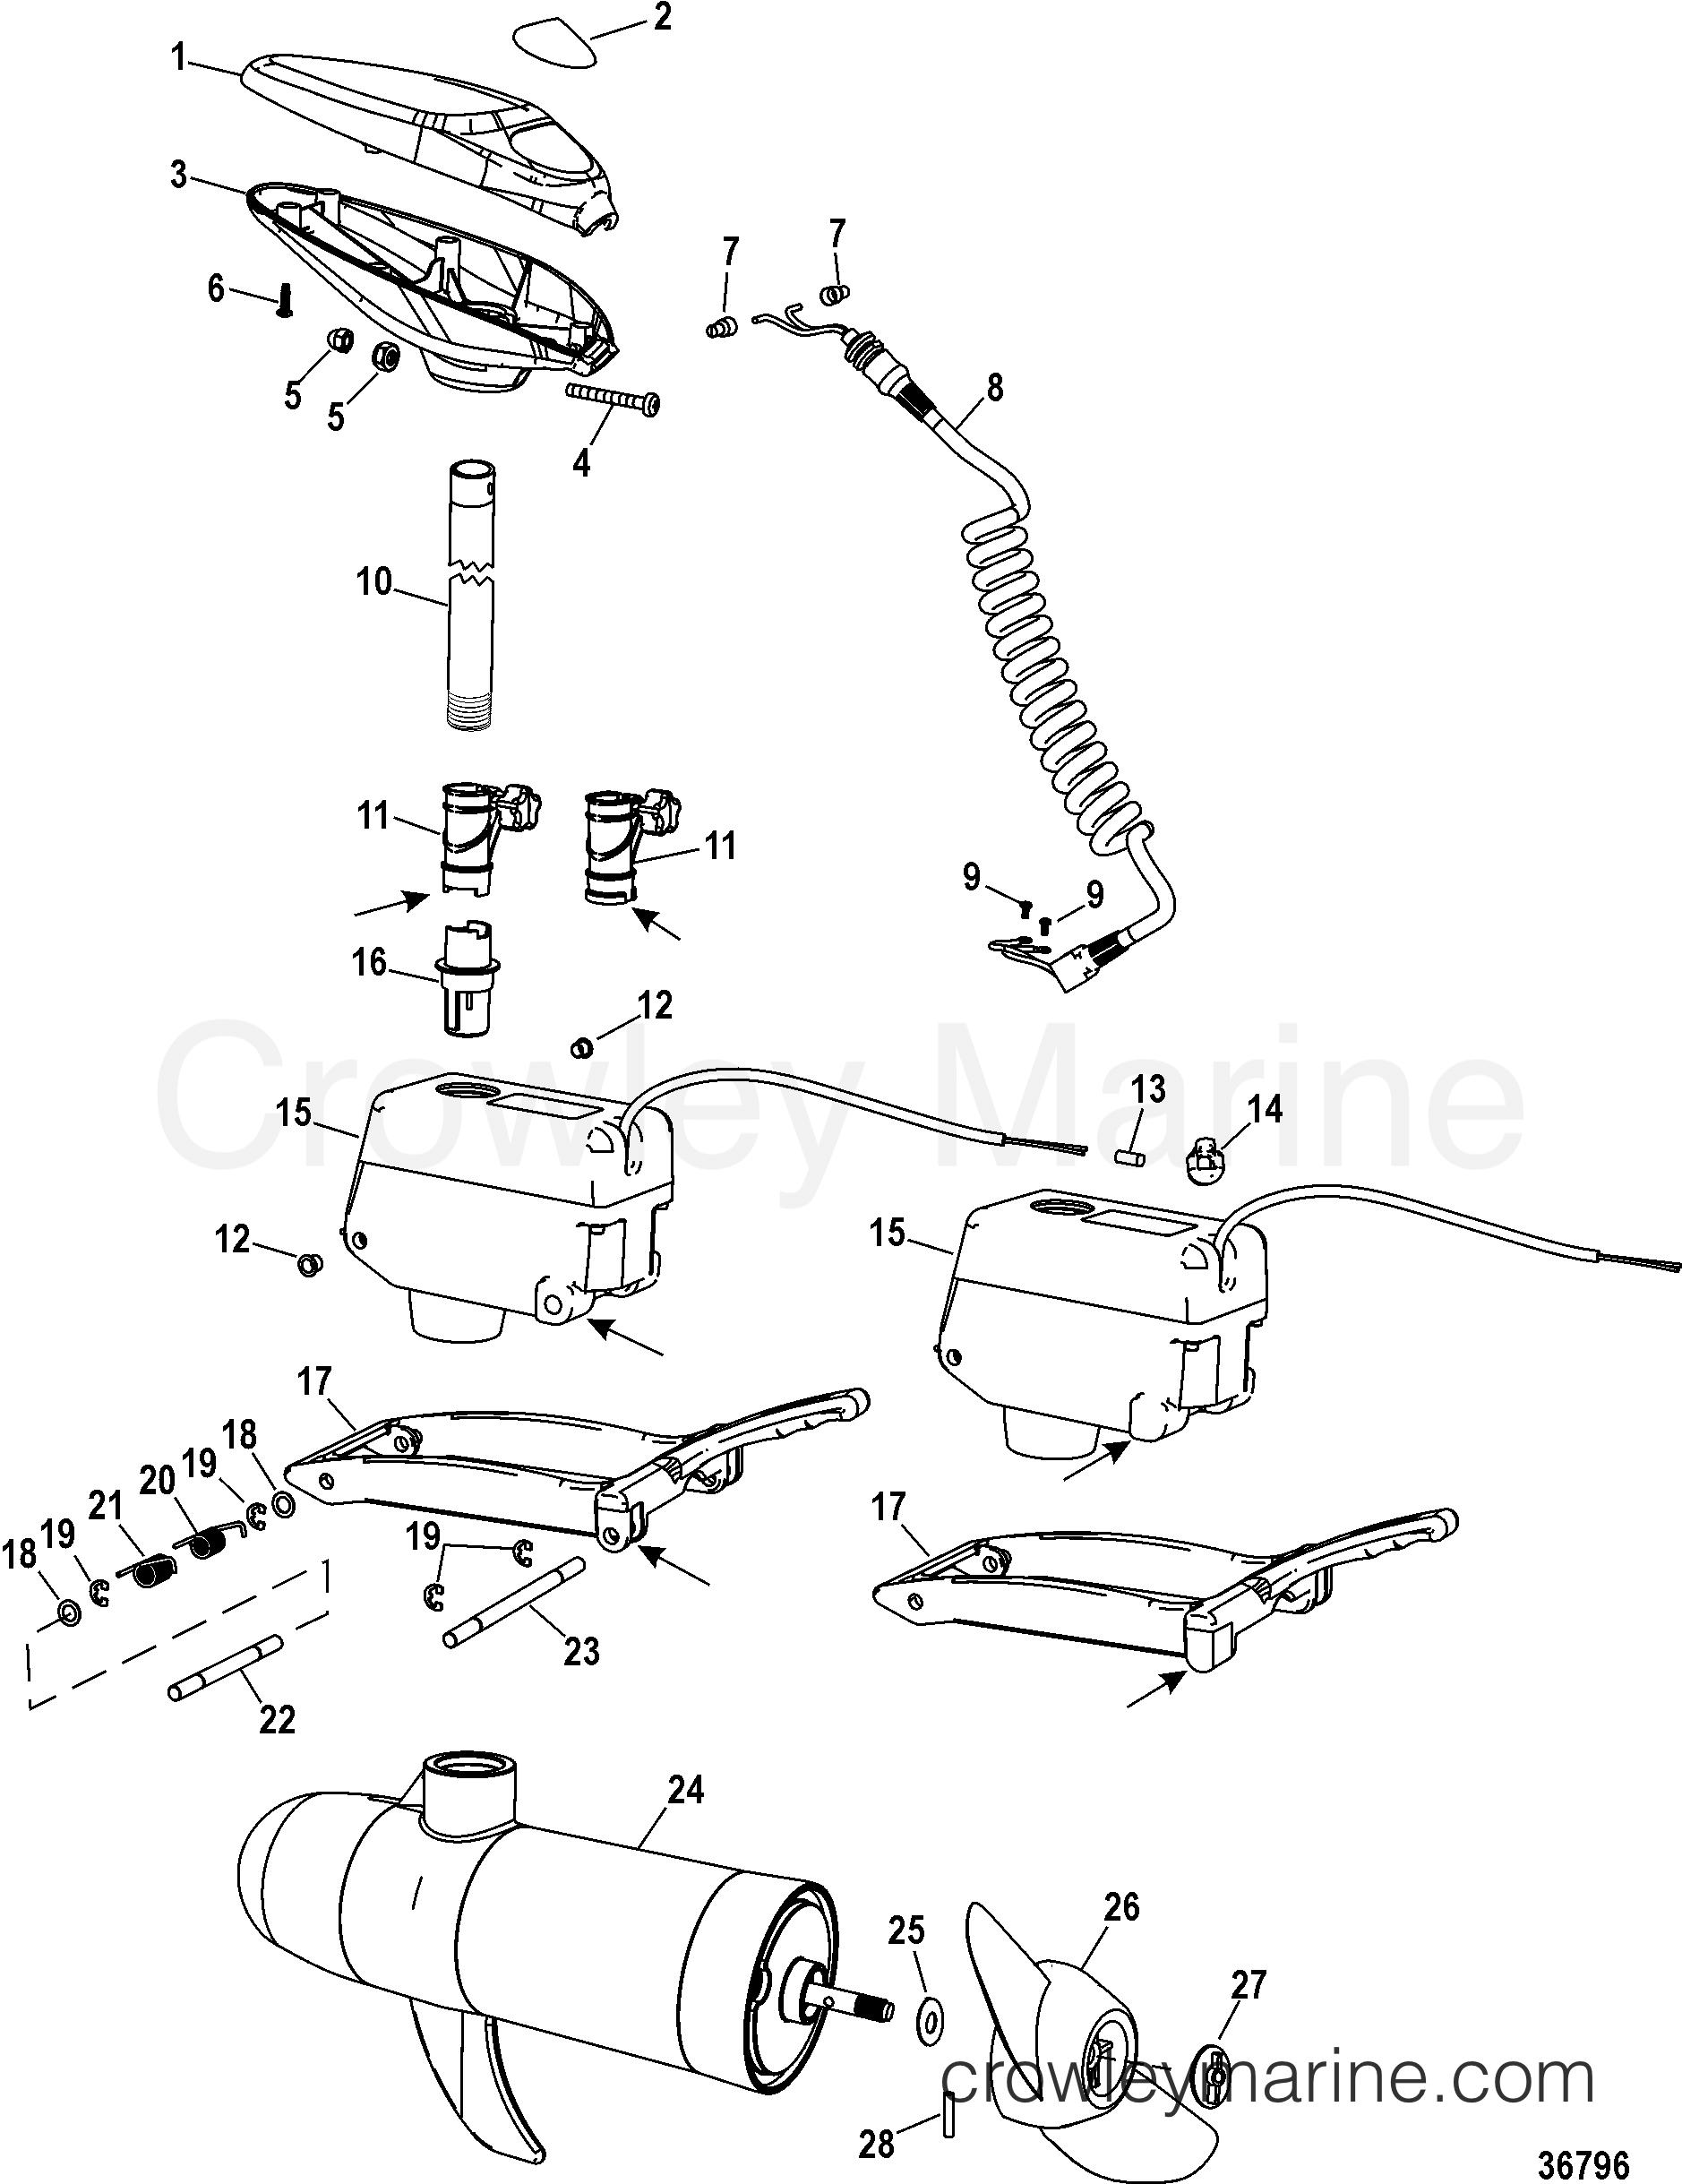 2002 MotorGuide 12V [MOTORGUIDE] - 9MP4301Z1 - COMPLETE TROLLING MOTOR( WIRELESS MODELS)